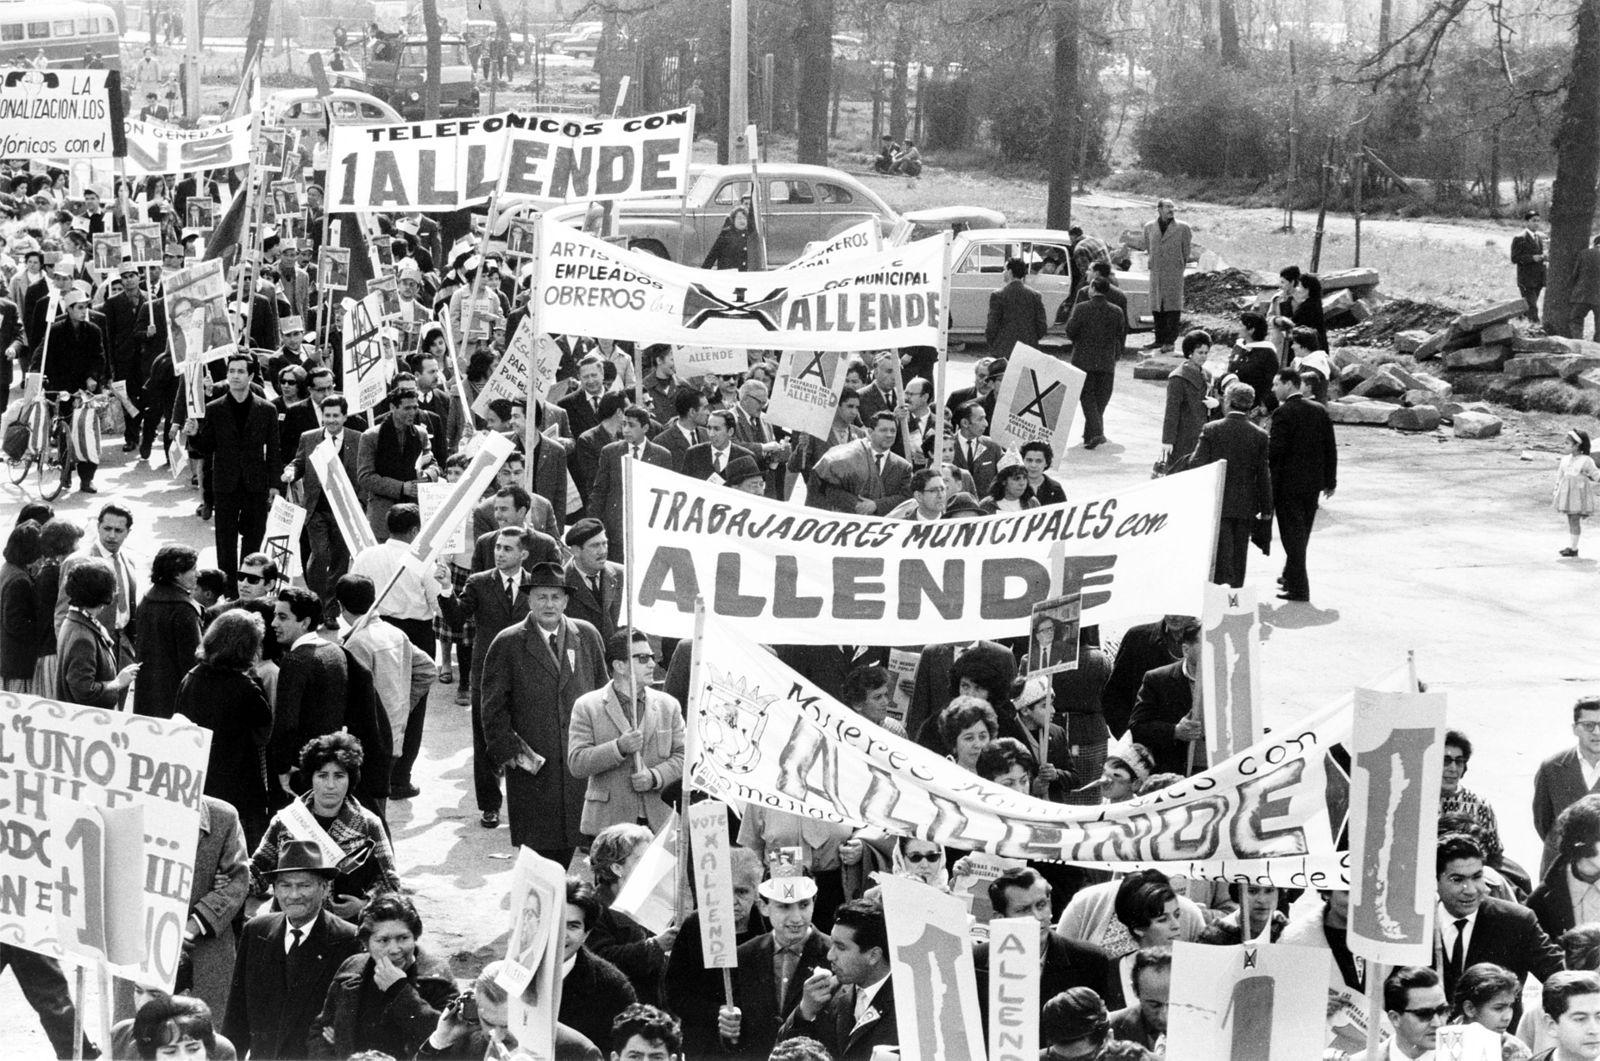 Демонстрации в поддержку Альенде